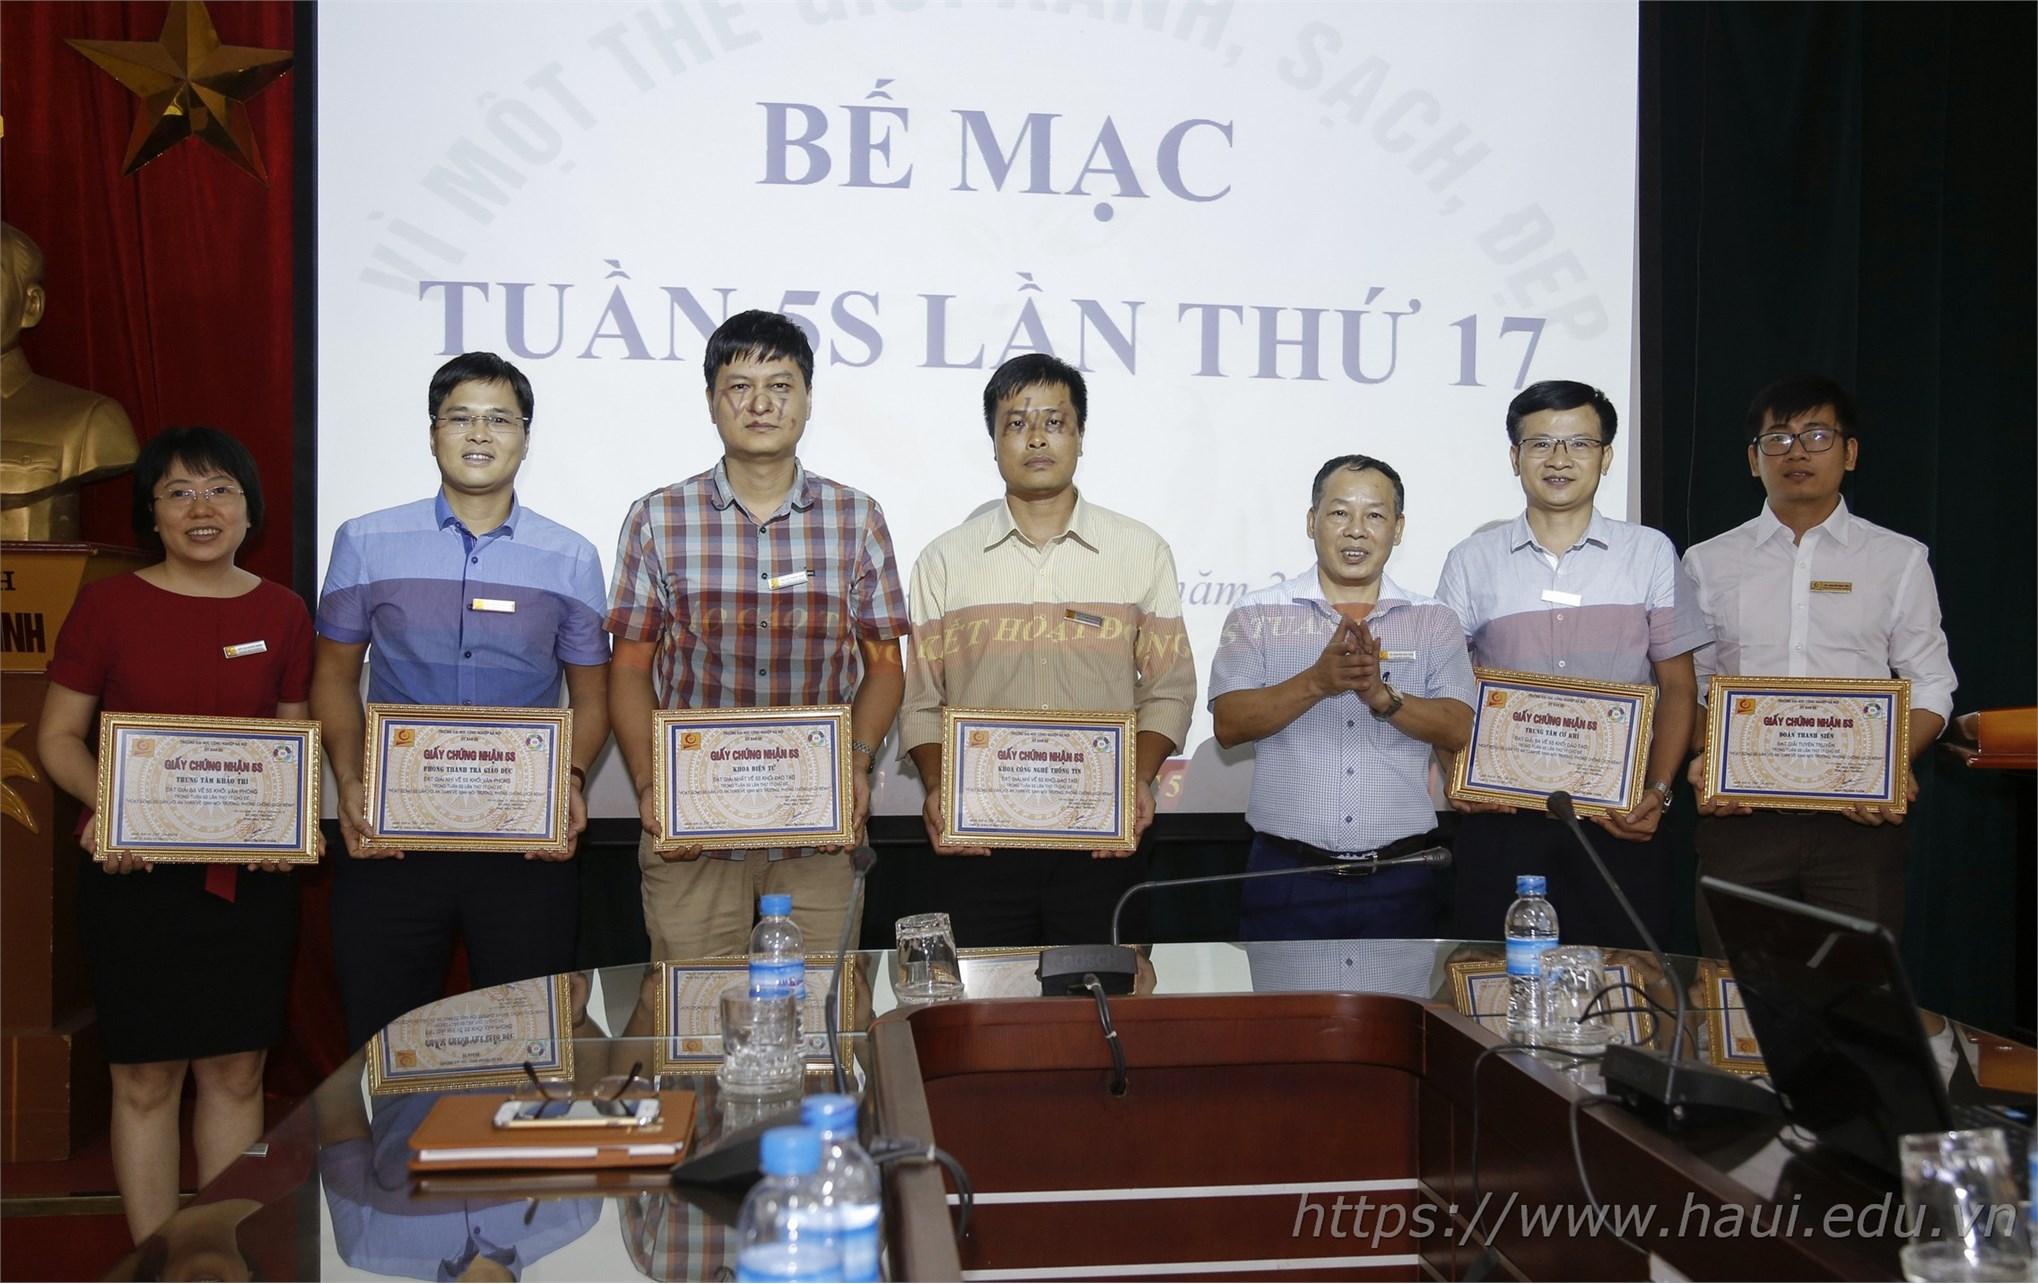 TS. Nguyễn Anh Tuấn trao thưởng cho các đơn vị thực hiện tốt Tuần 5S lần thứ 17